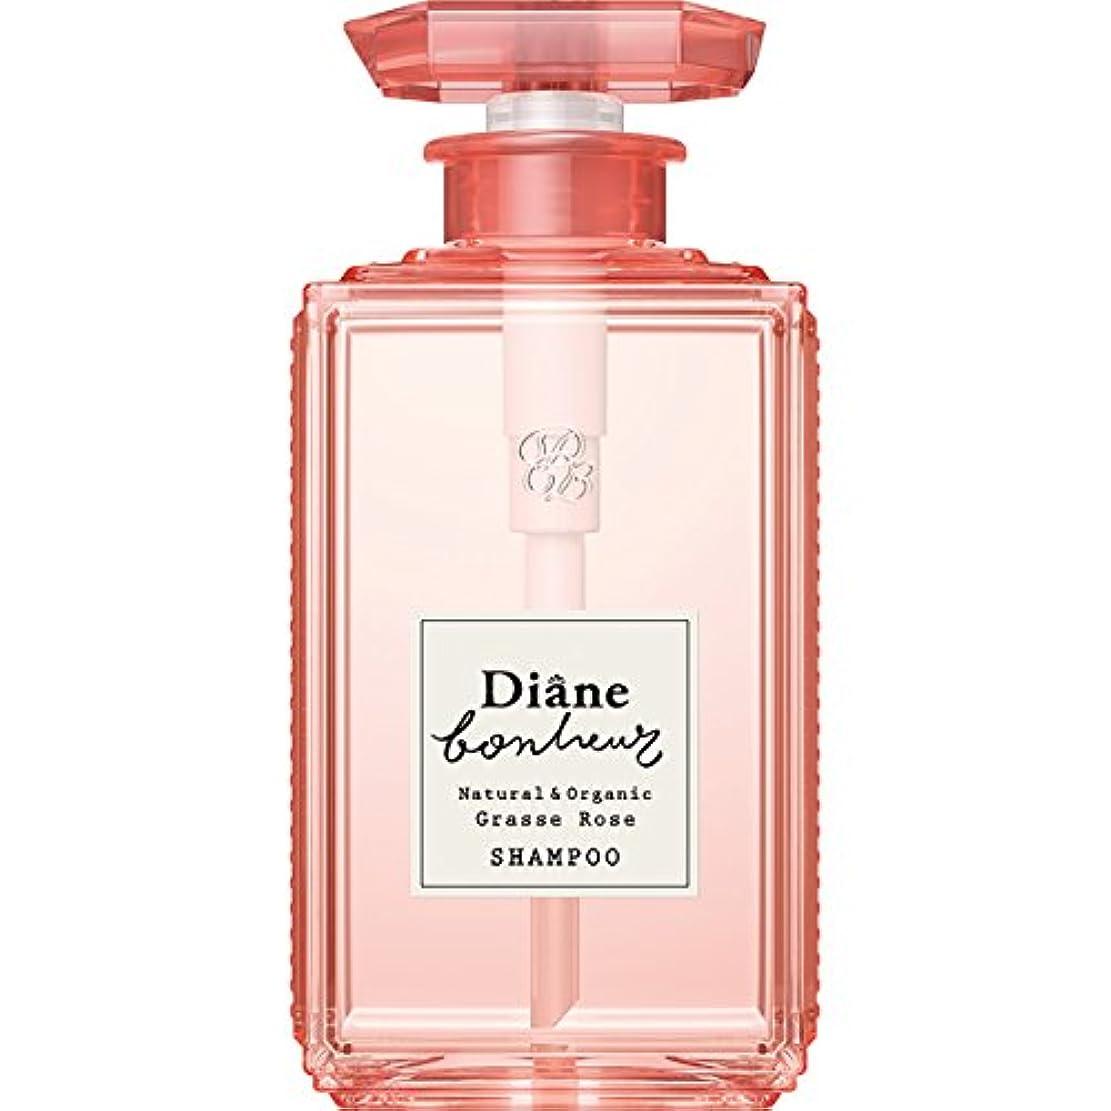 欲求不満符号散るダイアン ボヌール グラースローズの香り ダメージリペア シャンプー 500ml